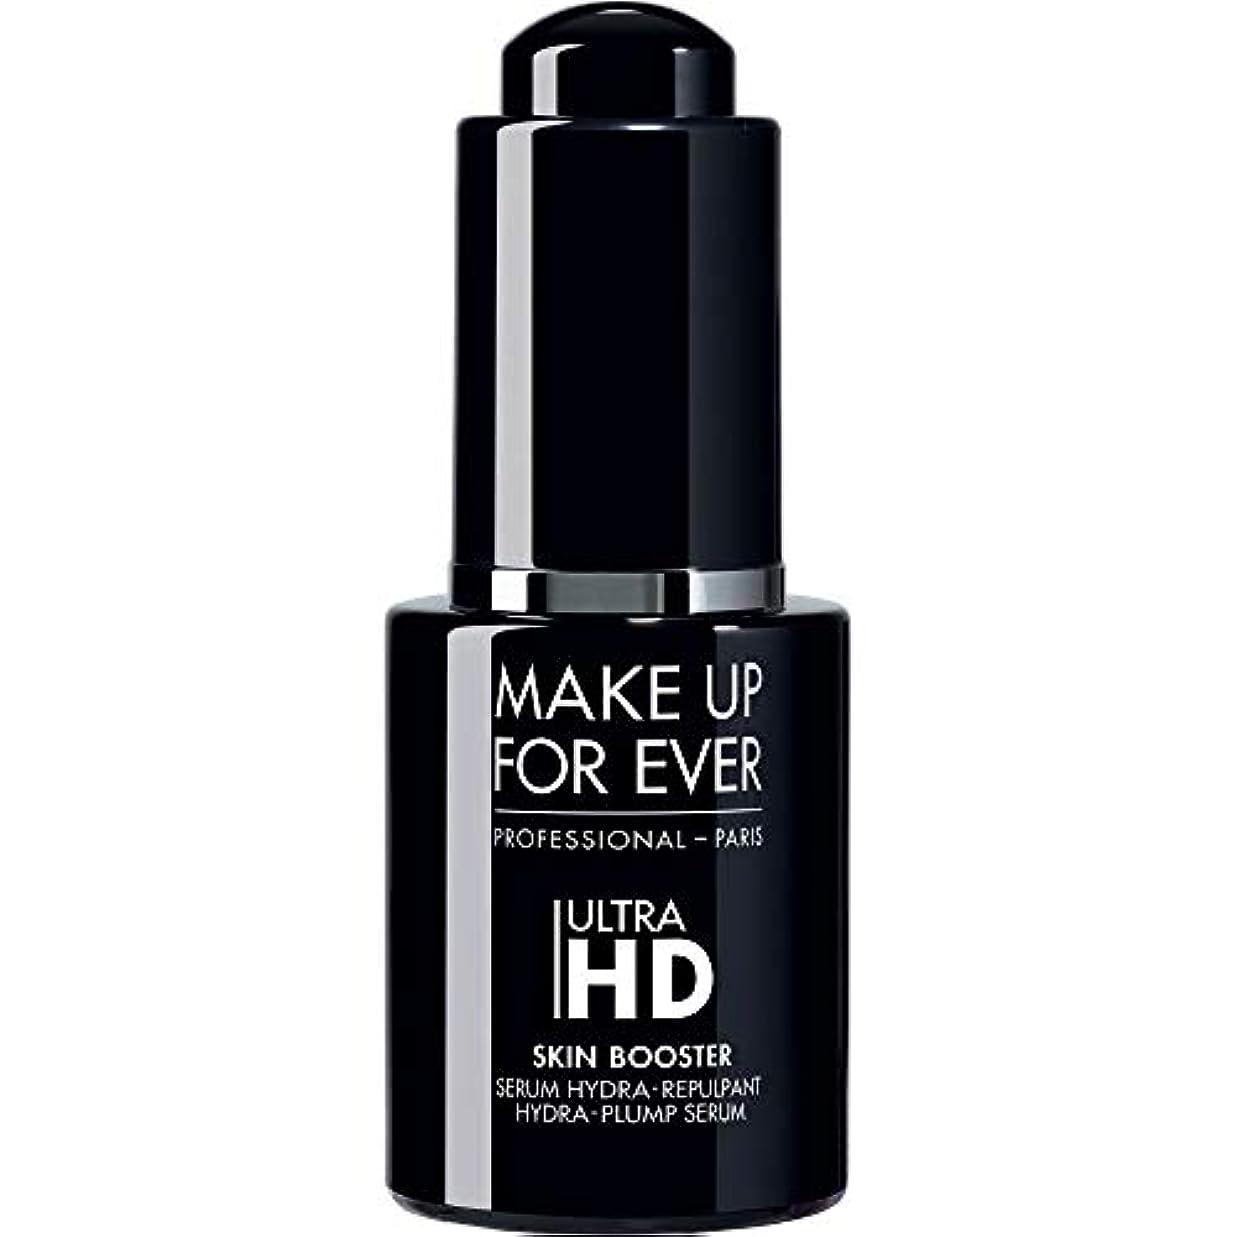 染色急襲ガソリン[MAKE UP FOR EVER] これまで超のHdスキンブースターヒドラ-ふっくら血清12ミリリットルを補います - MAKE UP FOR EVER Ultra HD Skin Booster Hydra-Plump...